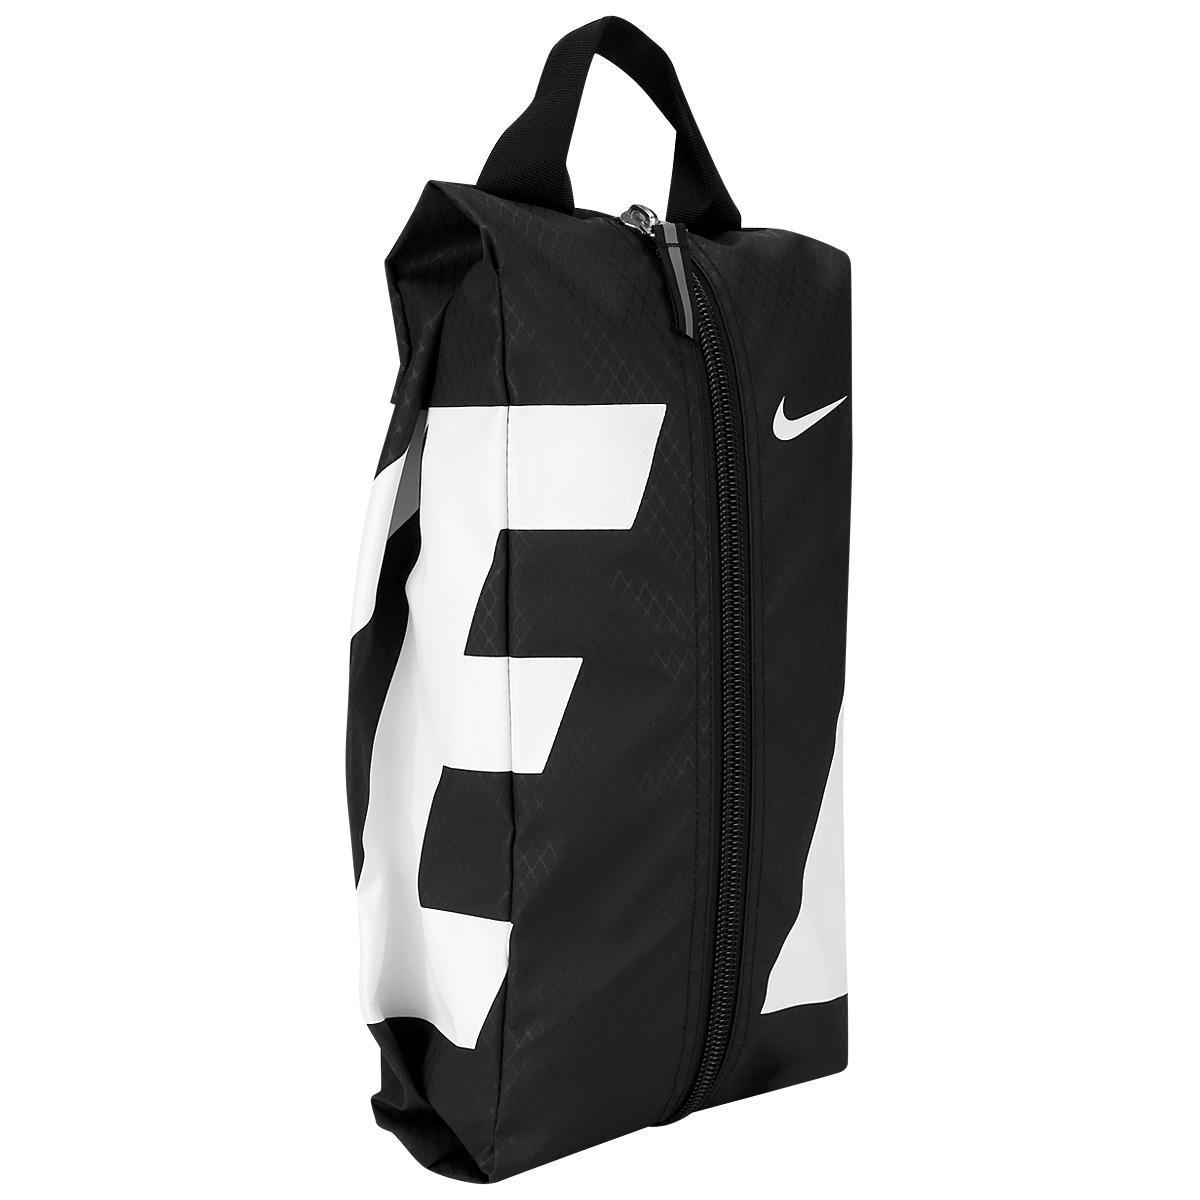 Porta Calçado Nike Team Training - Compre Agora  f724ce9b73a31